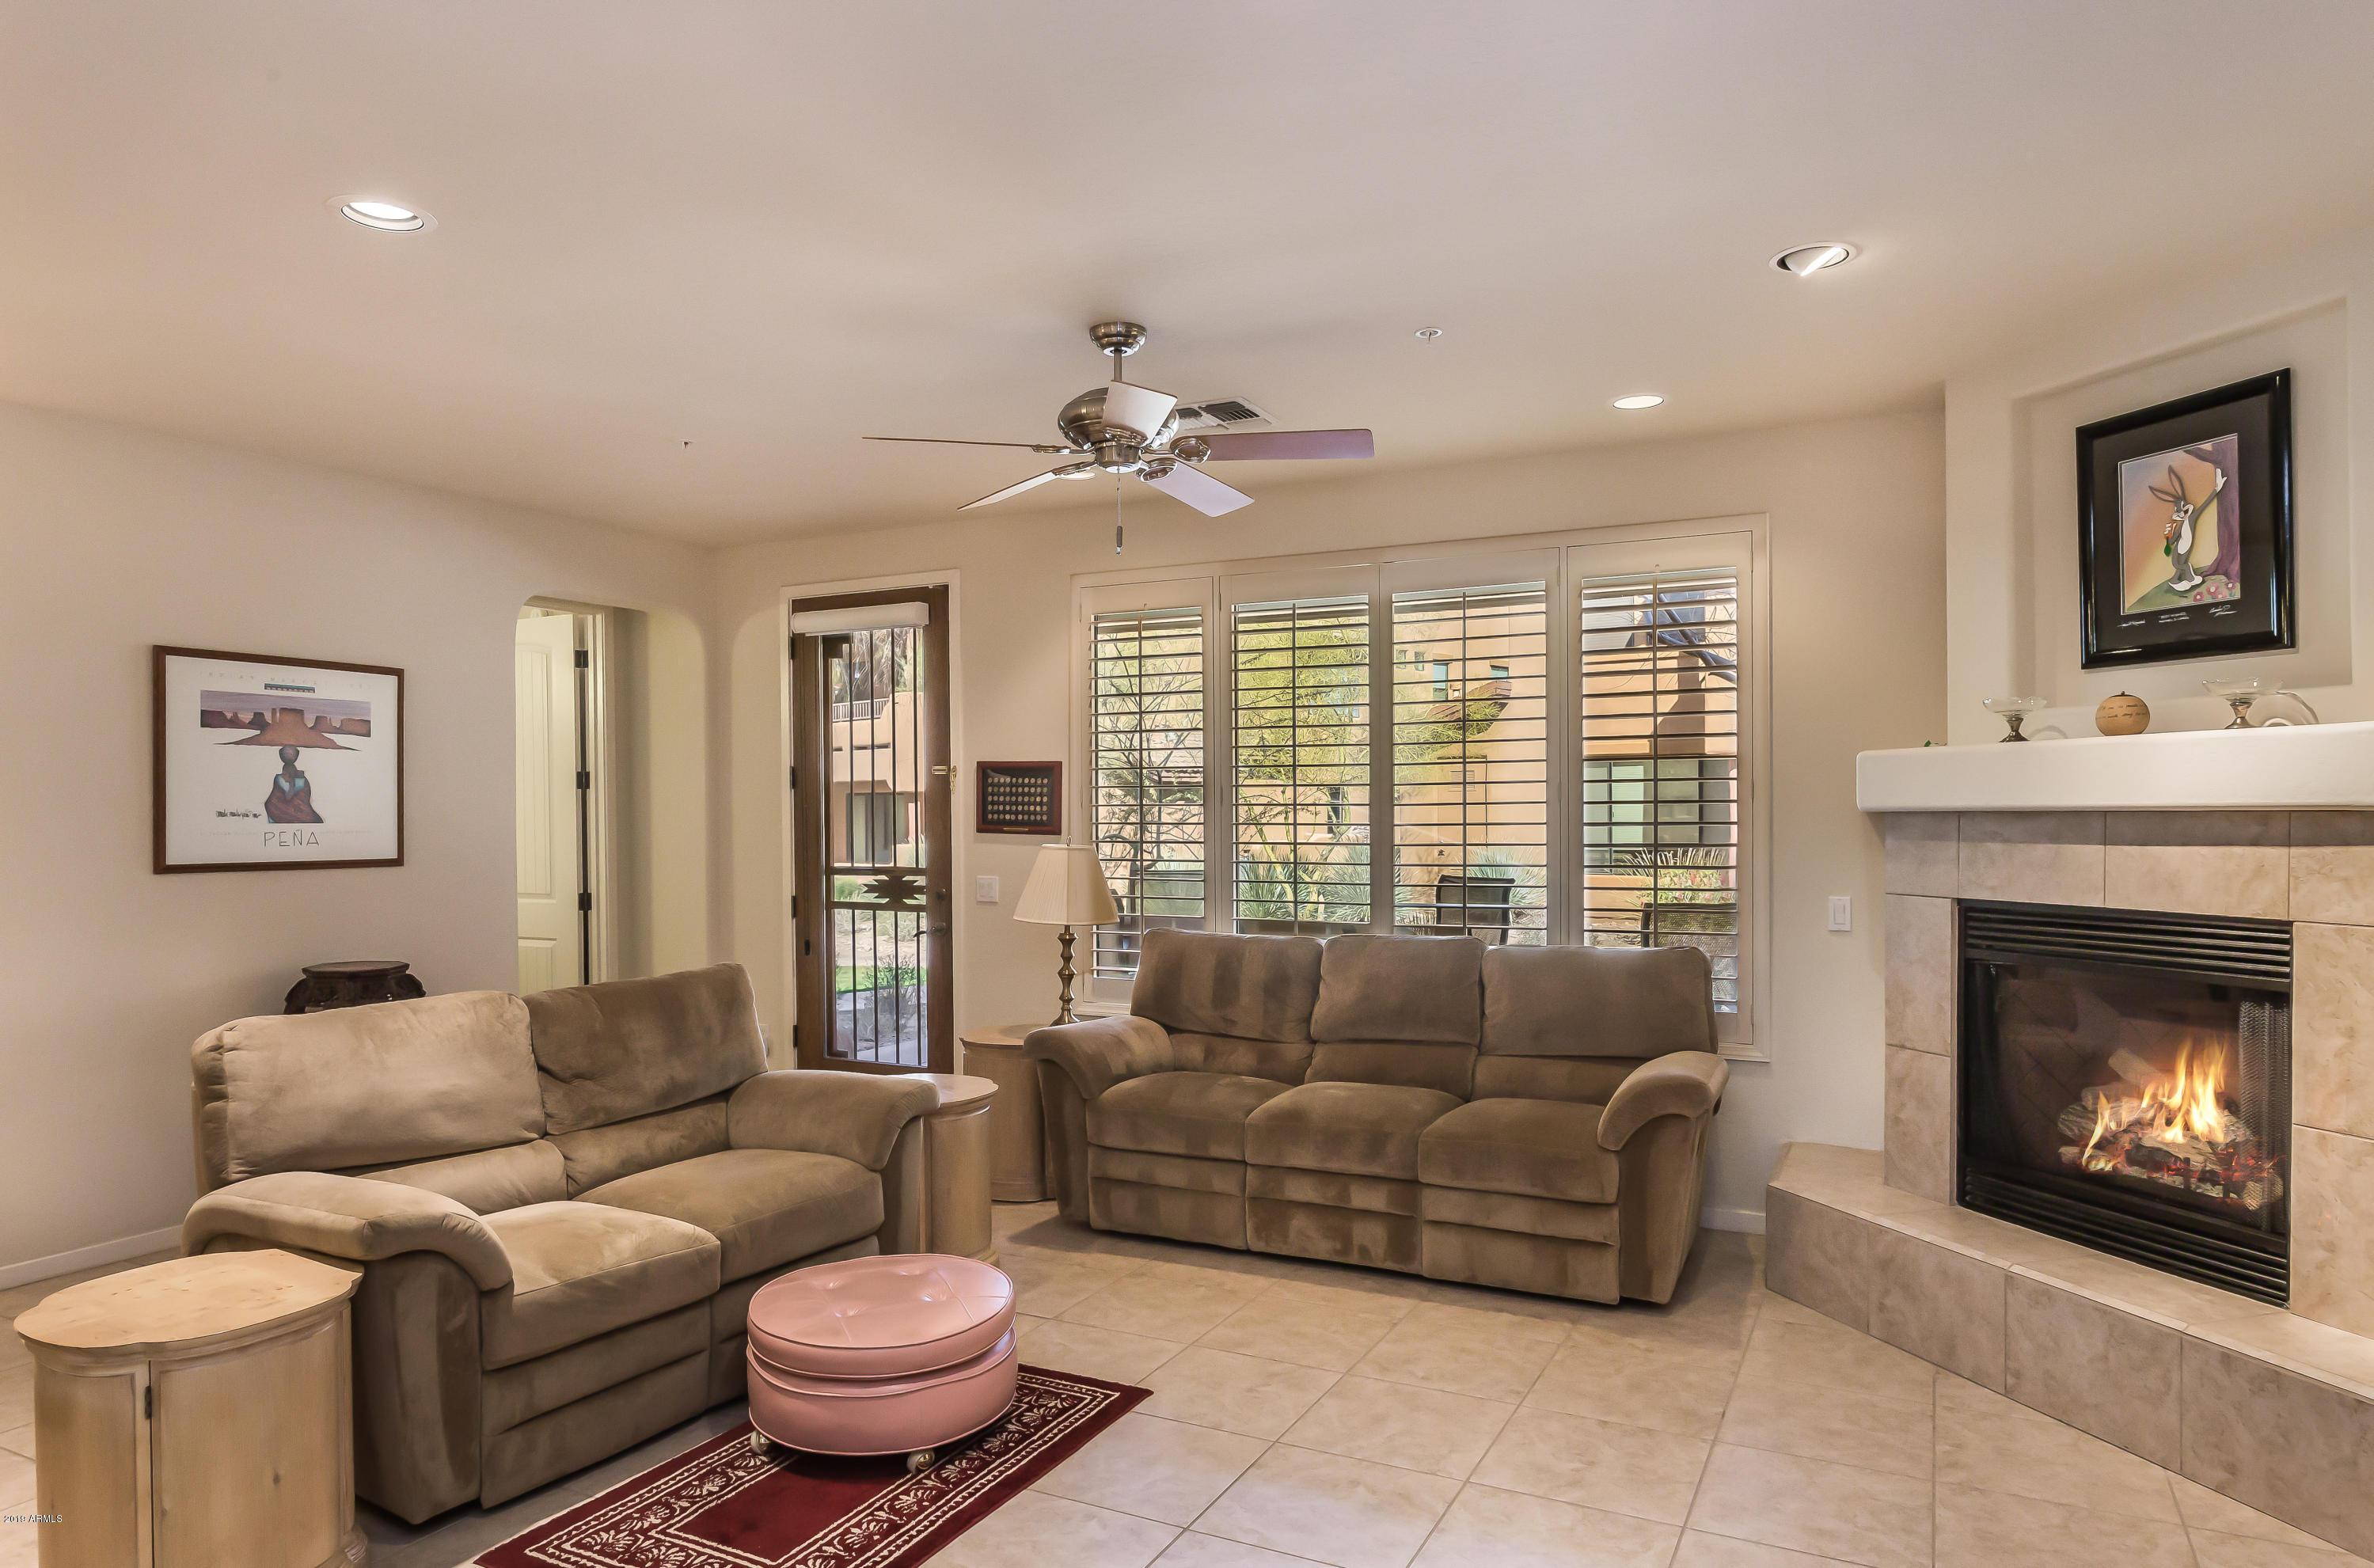 Photo of 13300 E VIA LINDA -- #1064, Scottsdale, AZ 85259